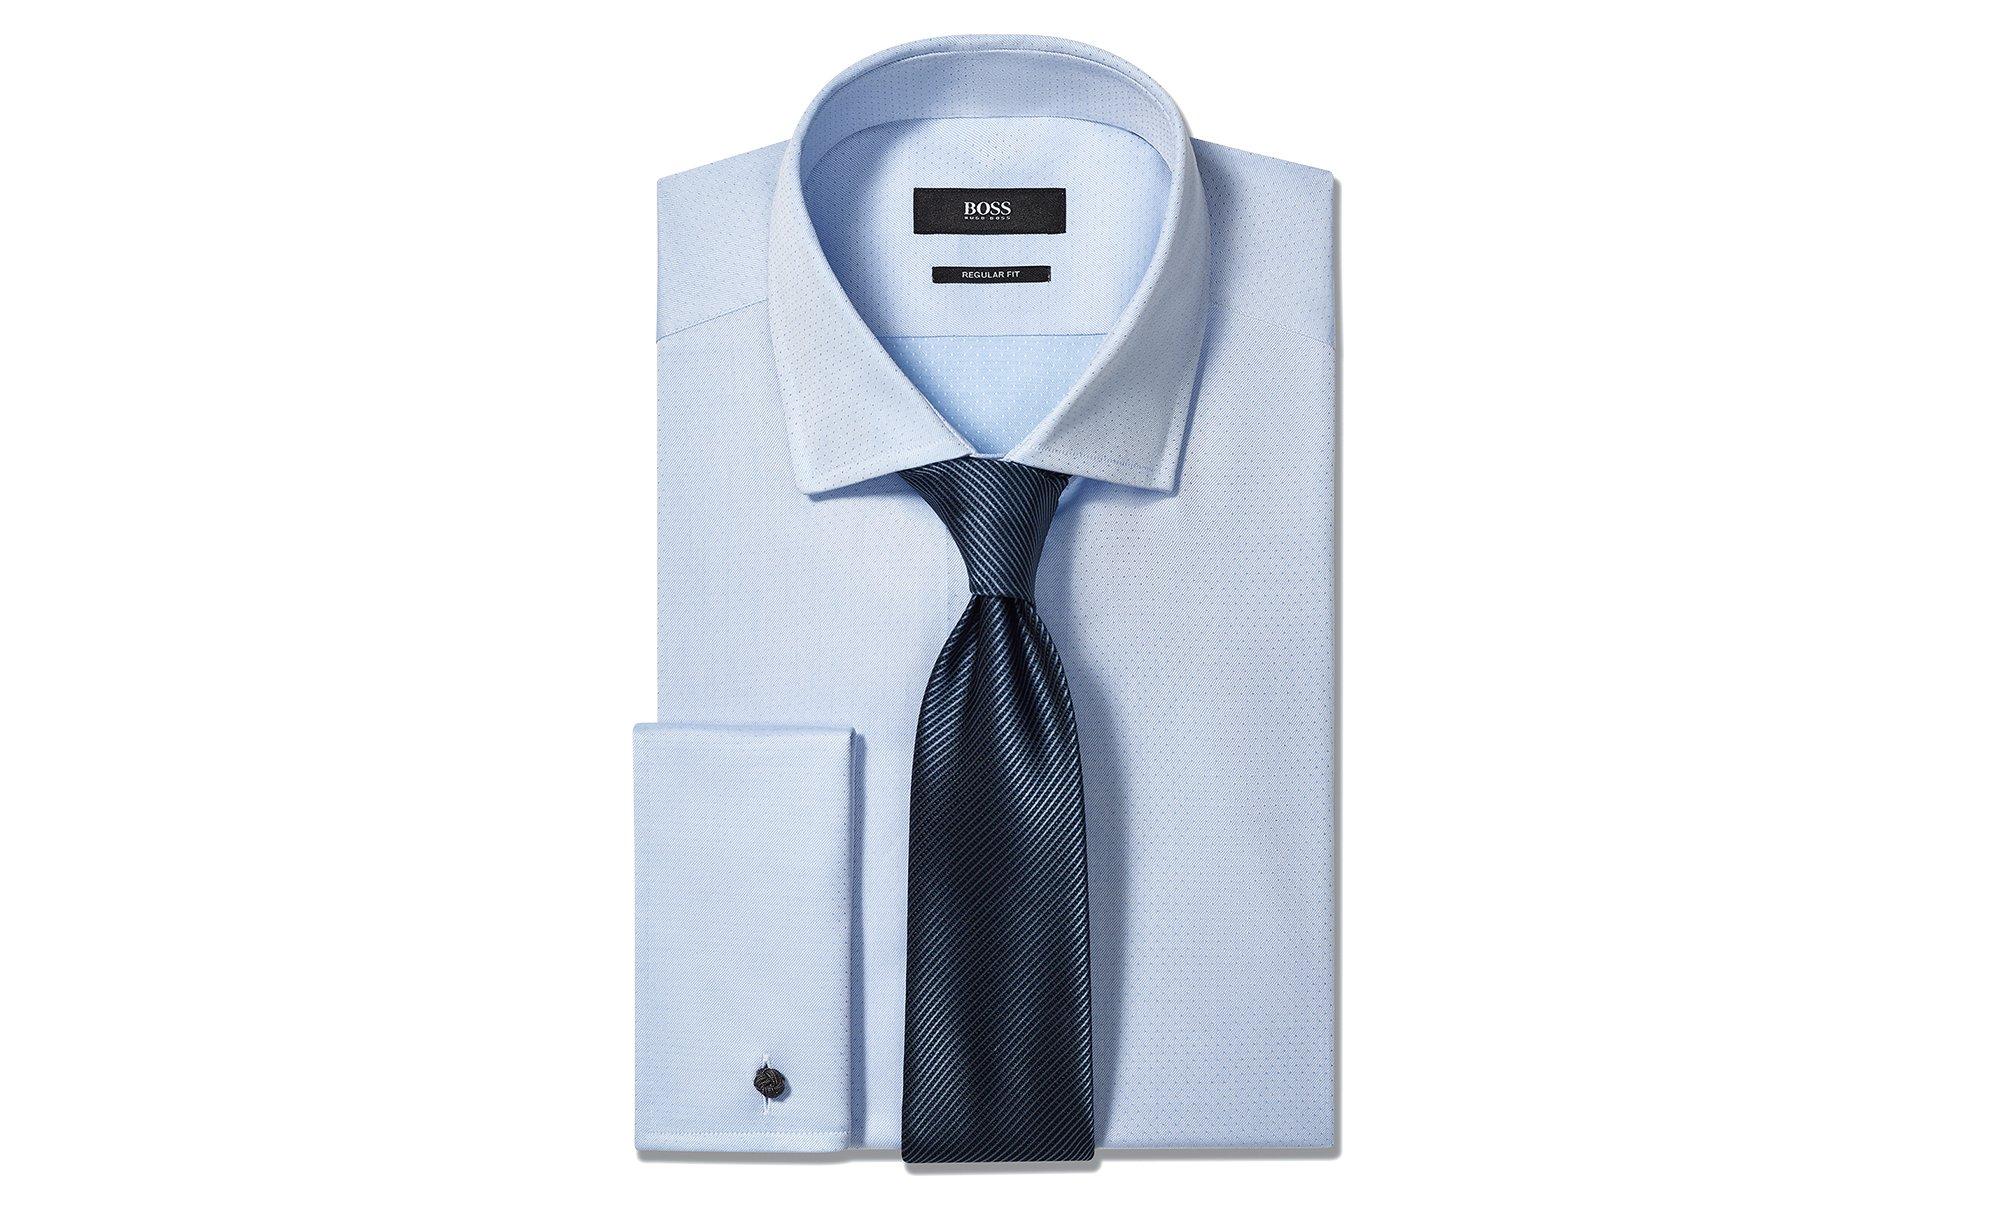 Blaues Hemd und Krawatte von BOSS